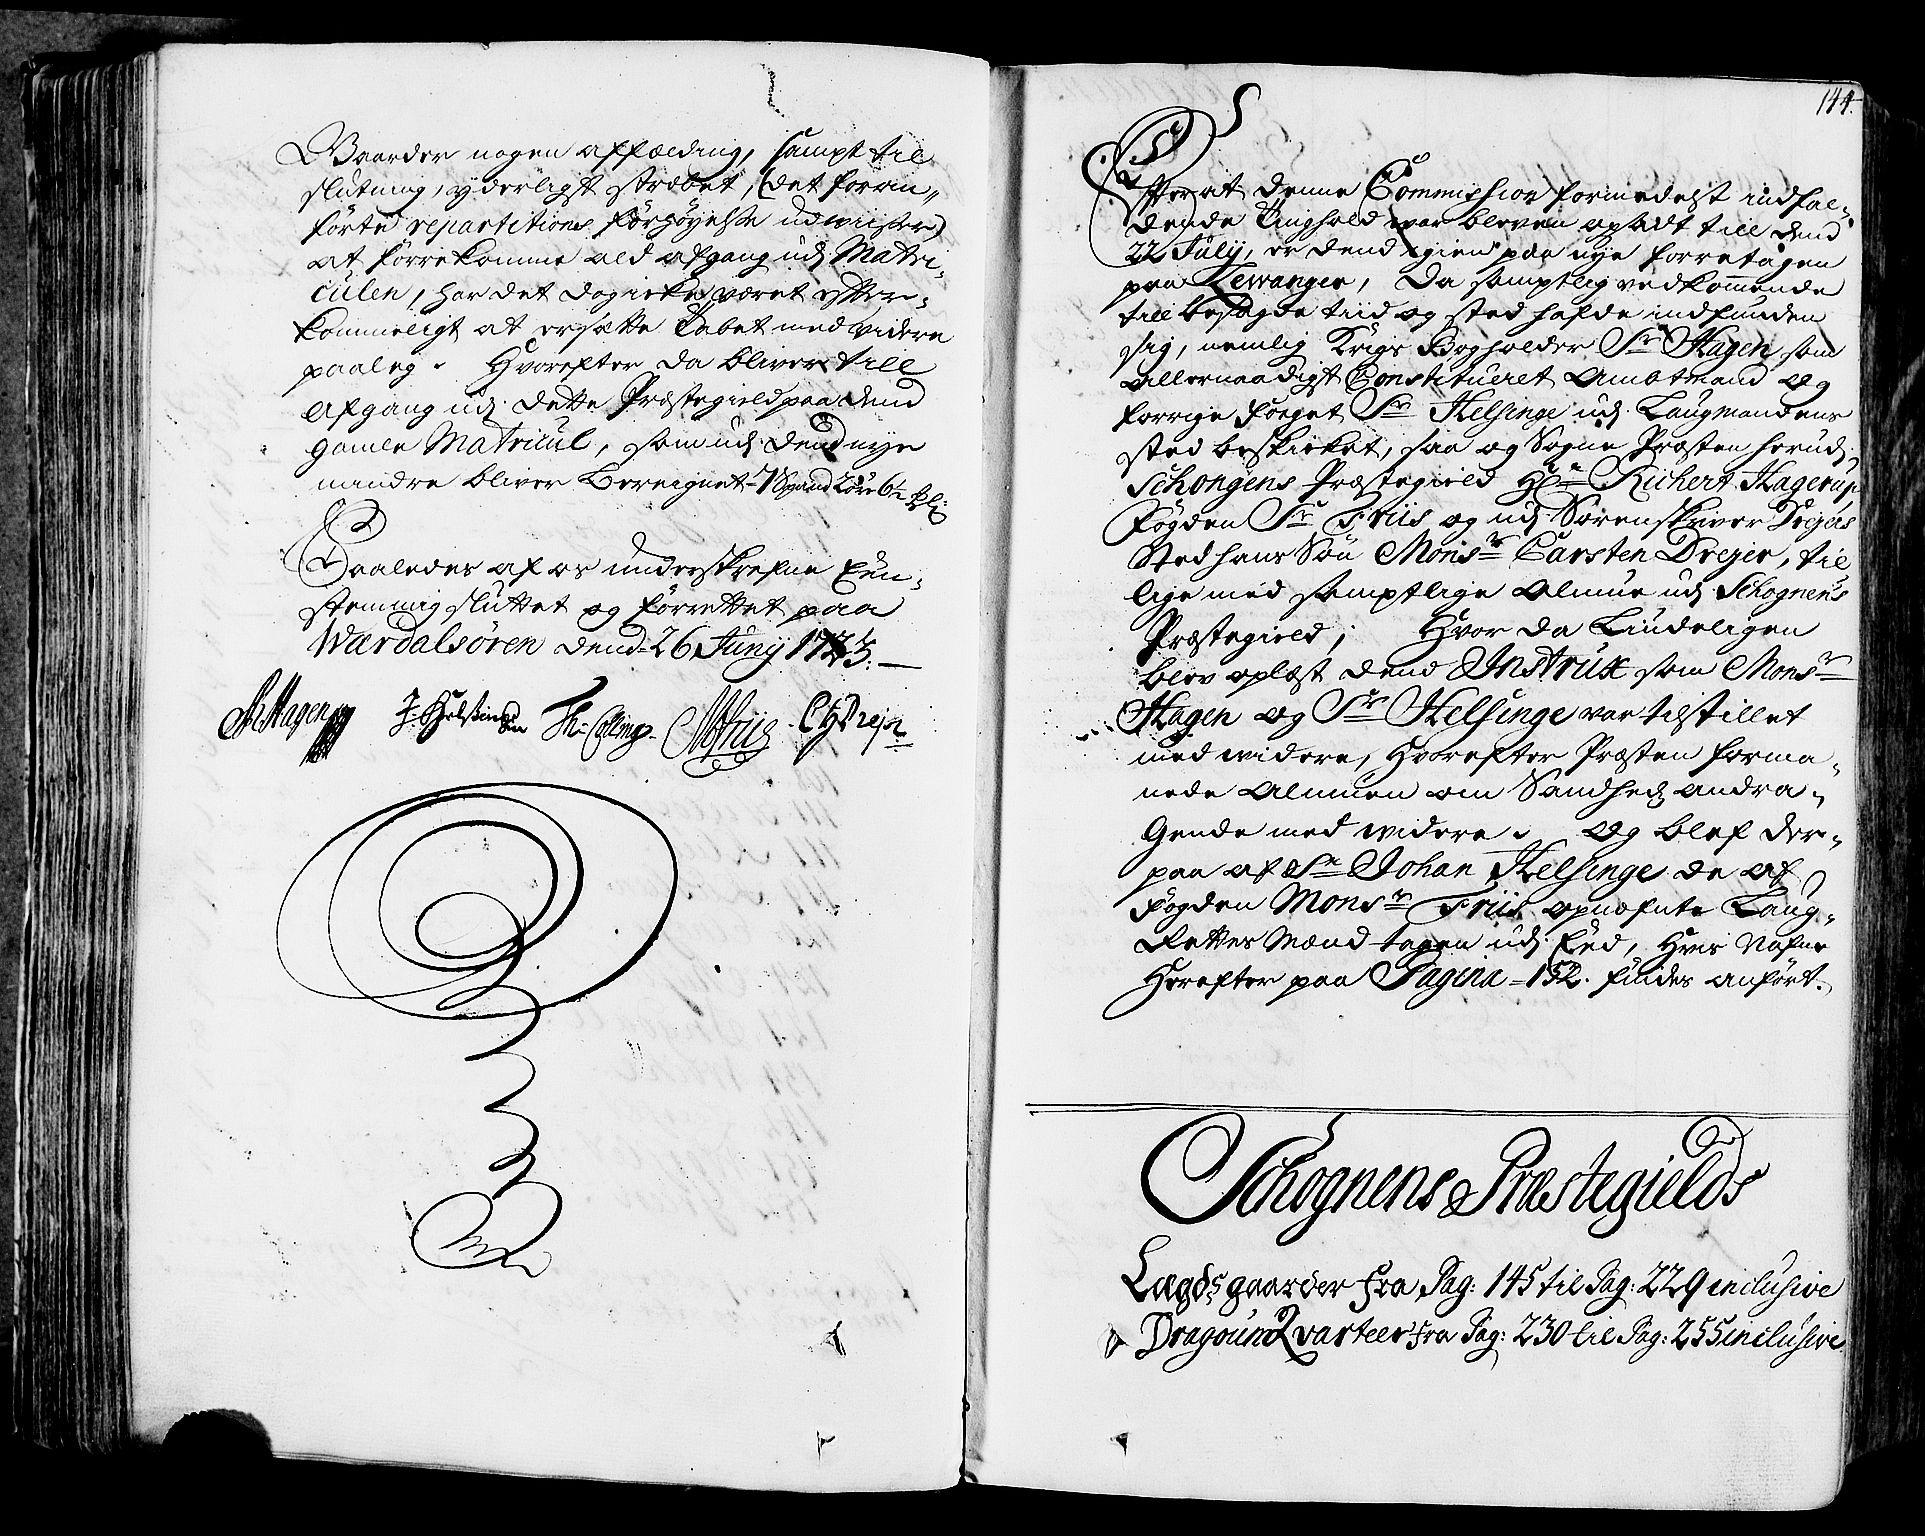 RA, Rentekammeret inntil 1814, Realistisk ordnet avdeling, N/Nb/Nbf/L0164: Stjørdal og Verdal eksaminasjonsprotokoll, 1723, s. 143b-144a